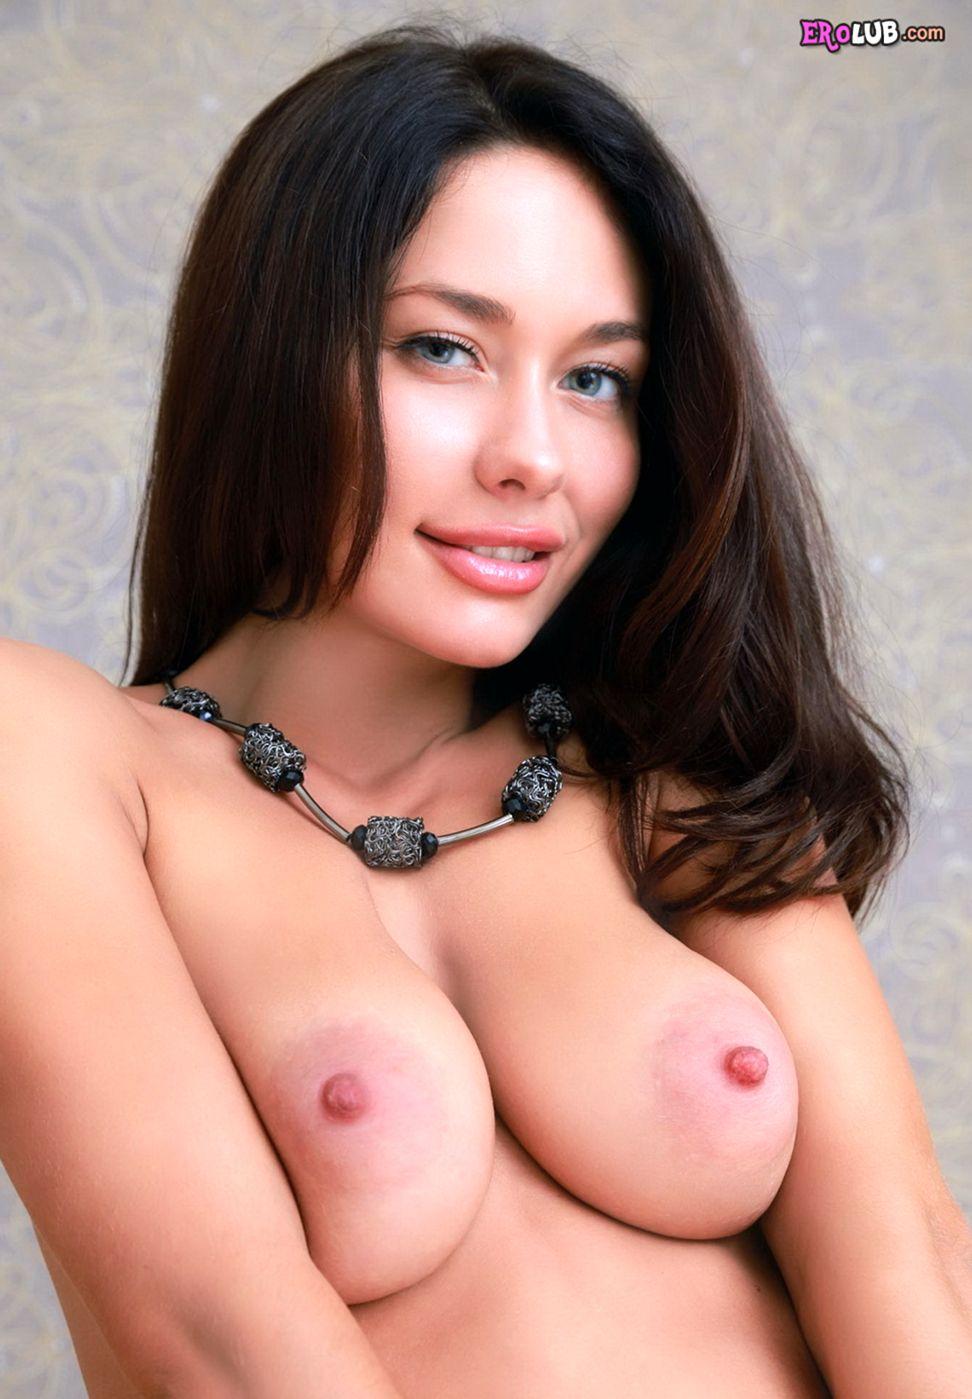 С большими половыми губами секс игрушки порно 10 фотография